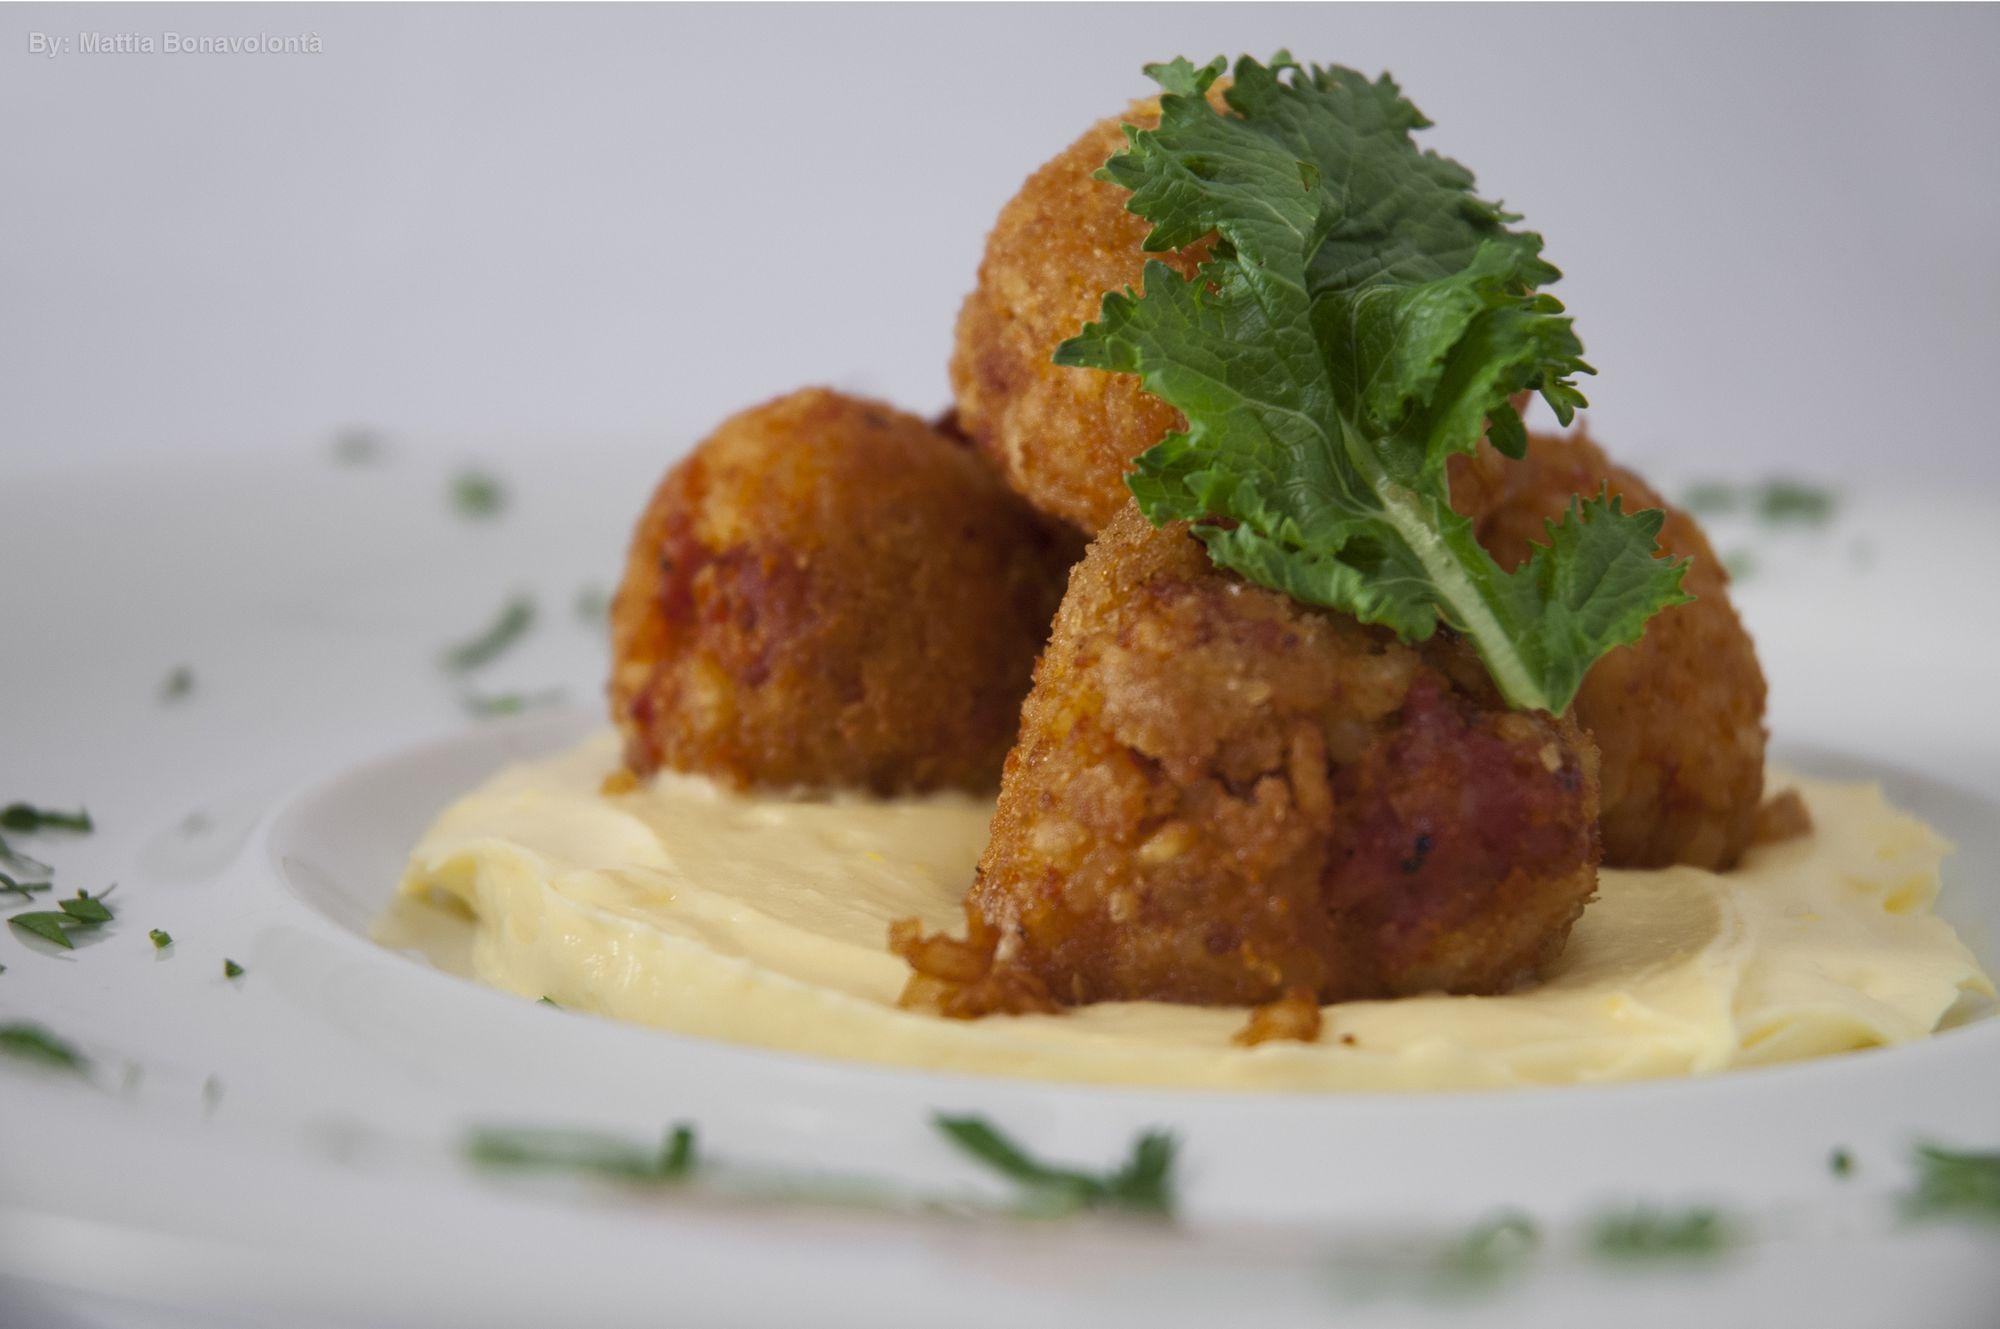 Apre supplizio a roma il cibo di strada firmato dandini for Roma piatti tipici